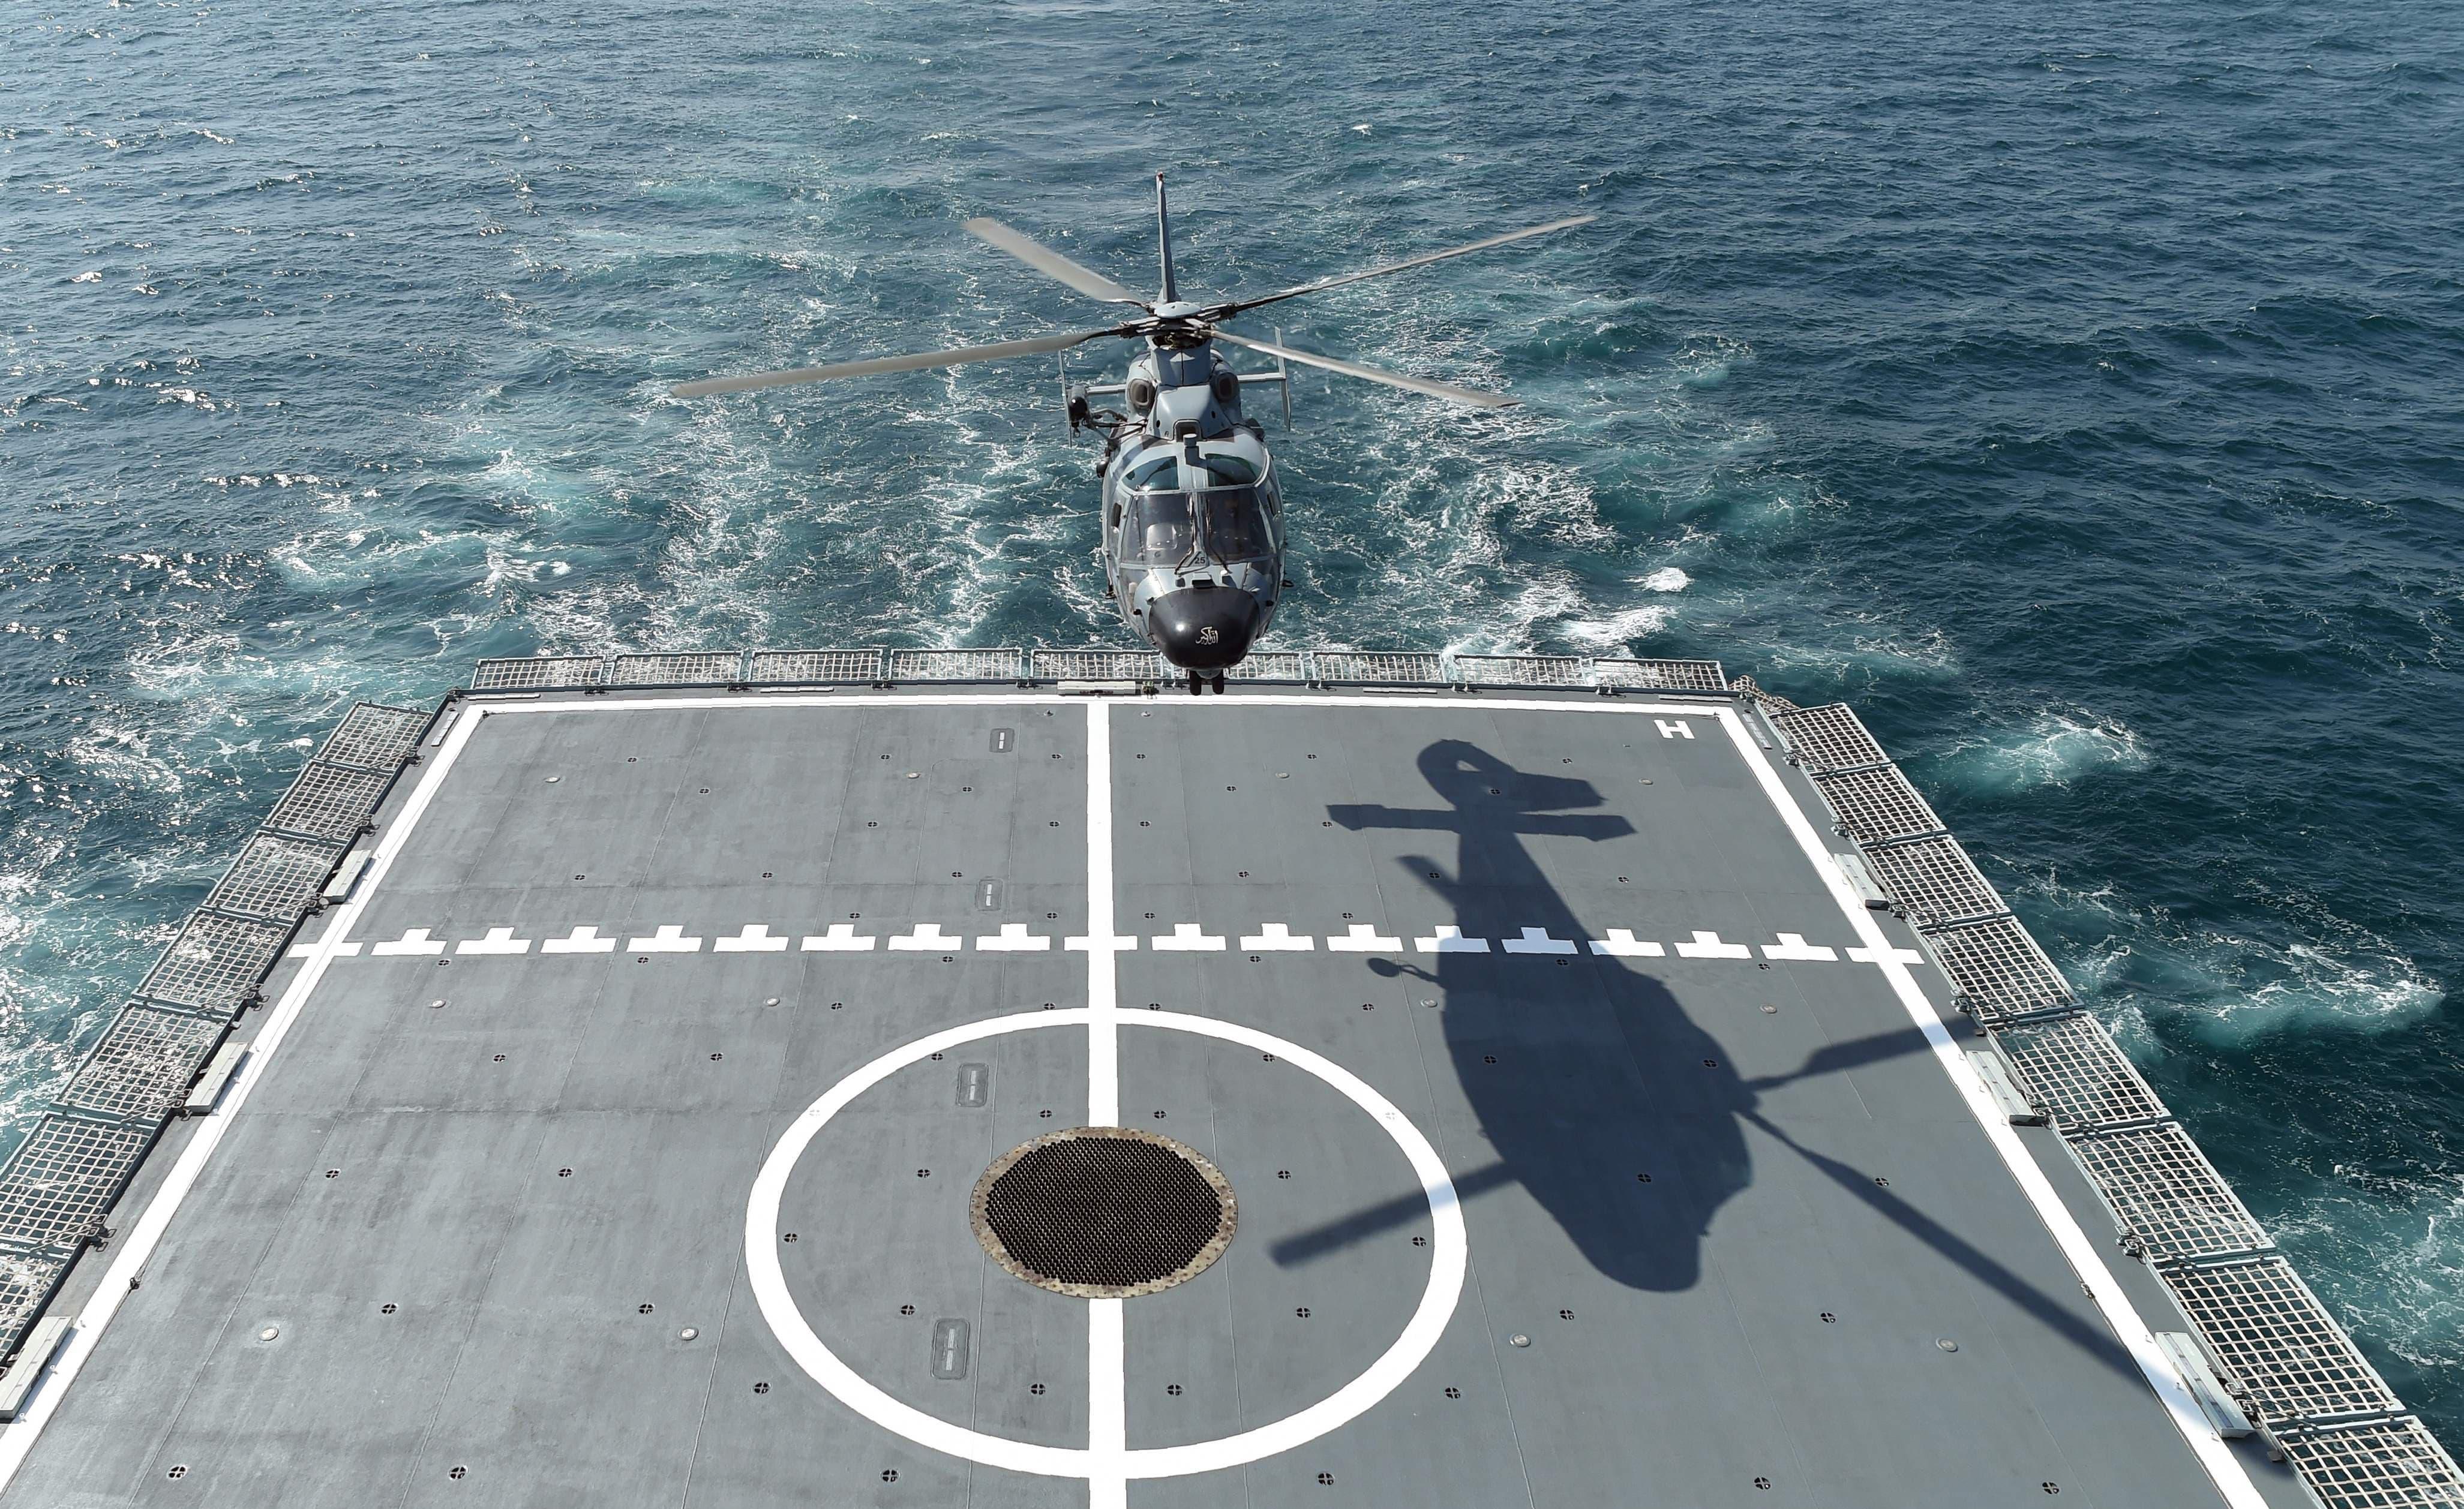 پاکستان کی تینوں مسلح افواج 46 ممالک کی بحری افواج کے ہمراہ ان مشقوں میں شریک ہوئیں—فوٹو/ اے ایف پی